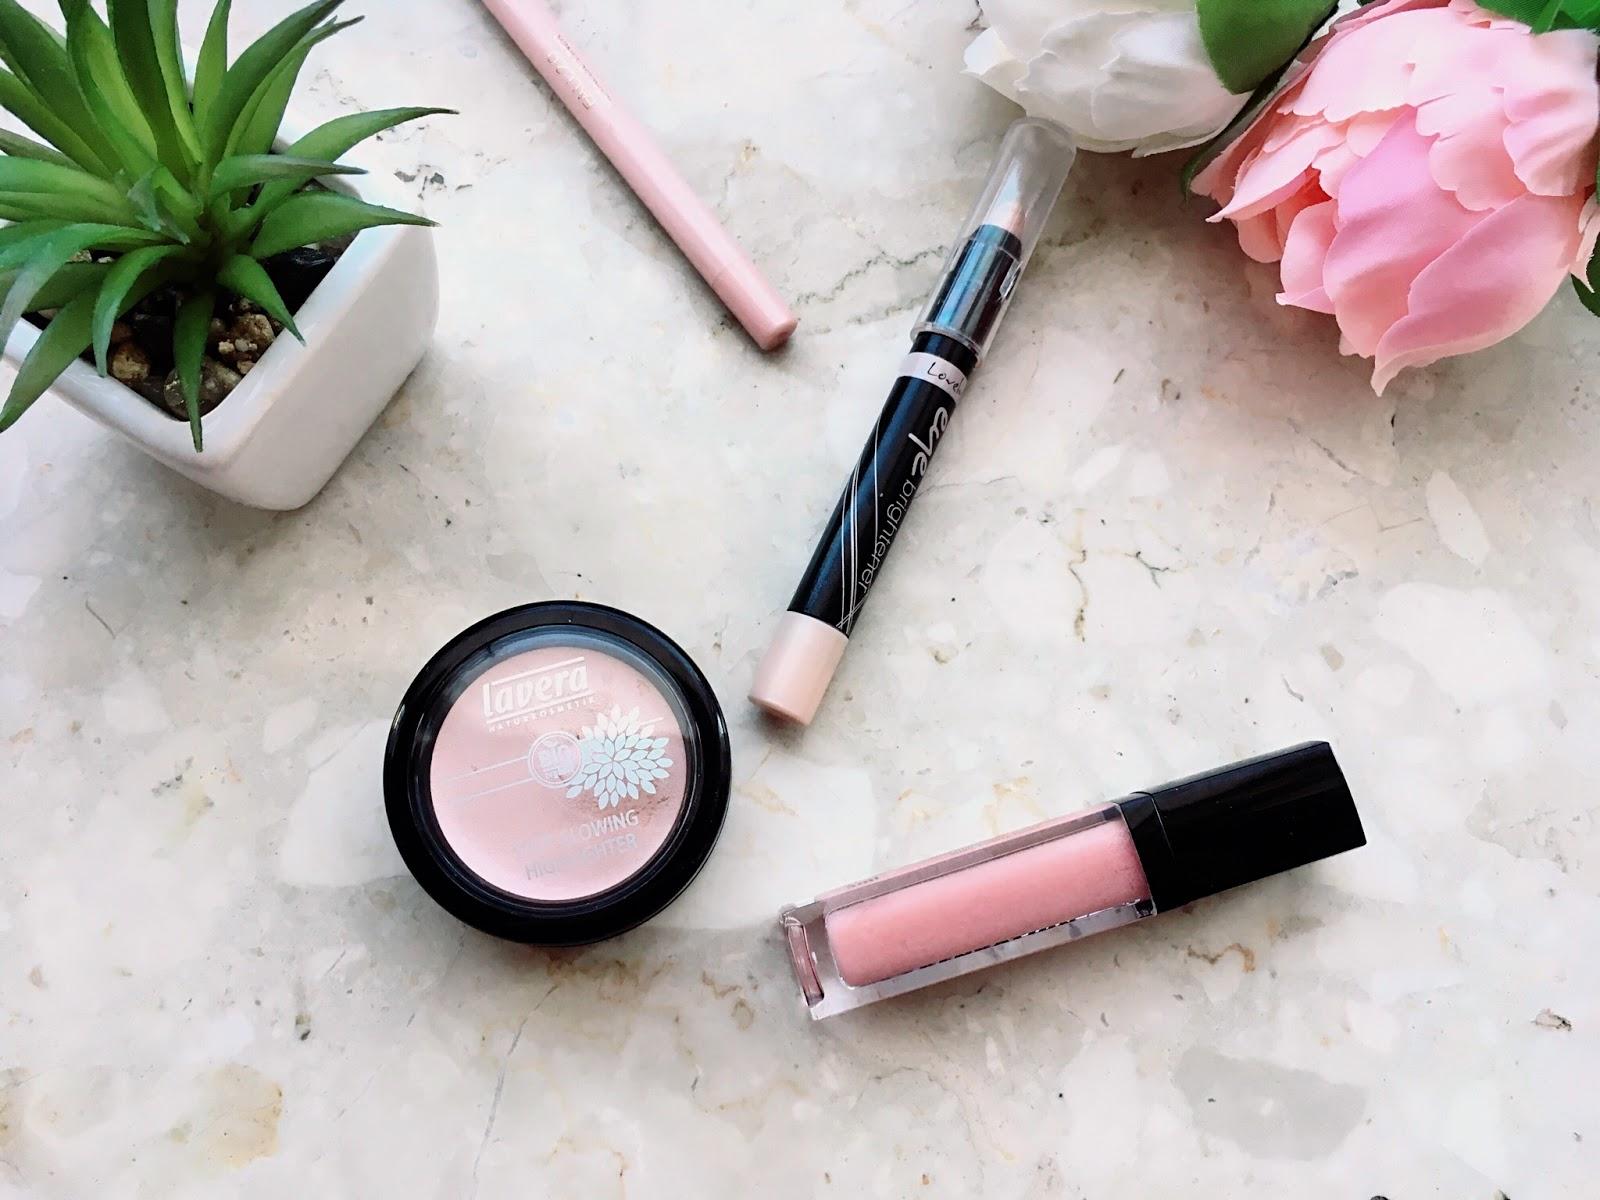 Kremowy rozświetlacz Lavera Soft Glowing Highlighter - moje wrażenia | Ekofilka - naturalnie, że kosmetyki